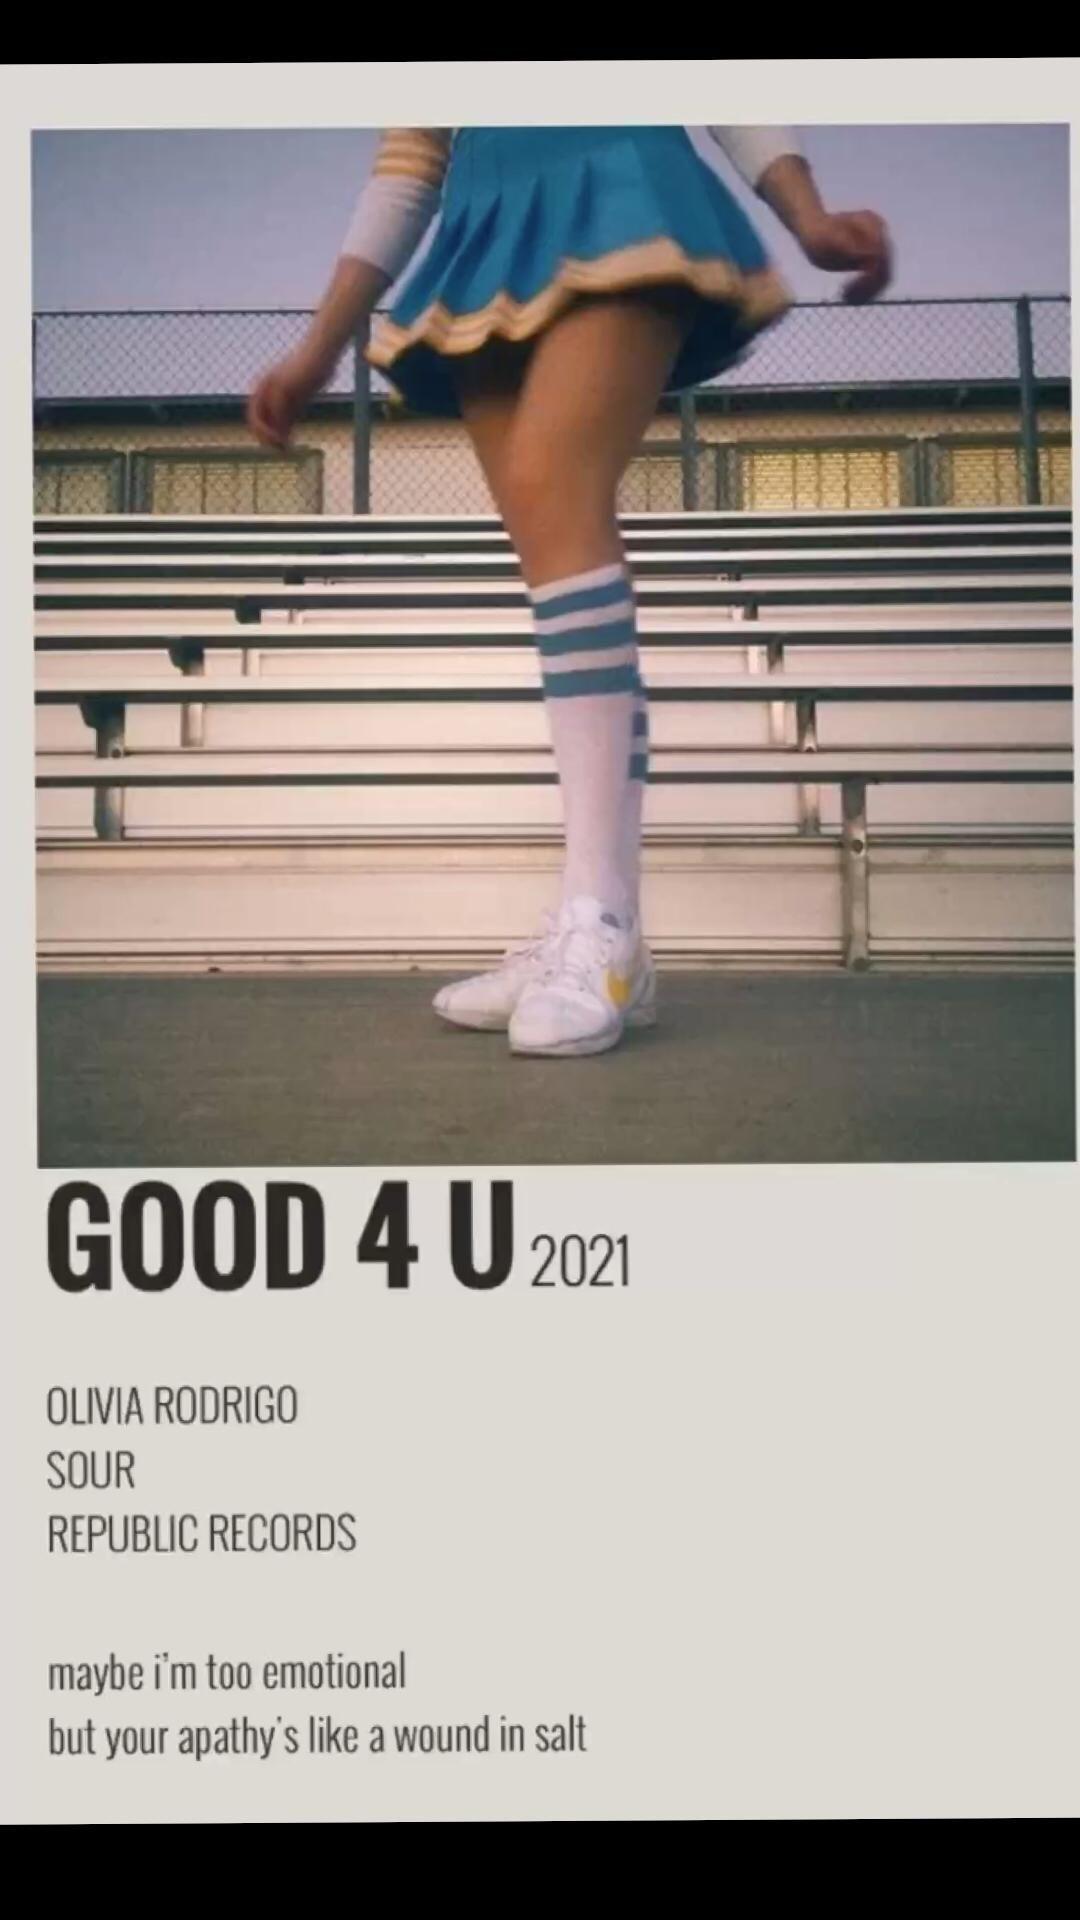 Good 4 u !!!! Olivia Rodrigo!!! ❤️